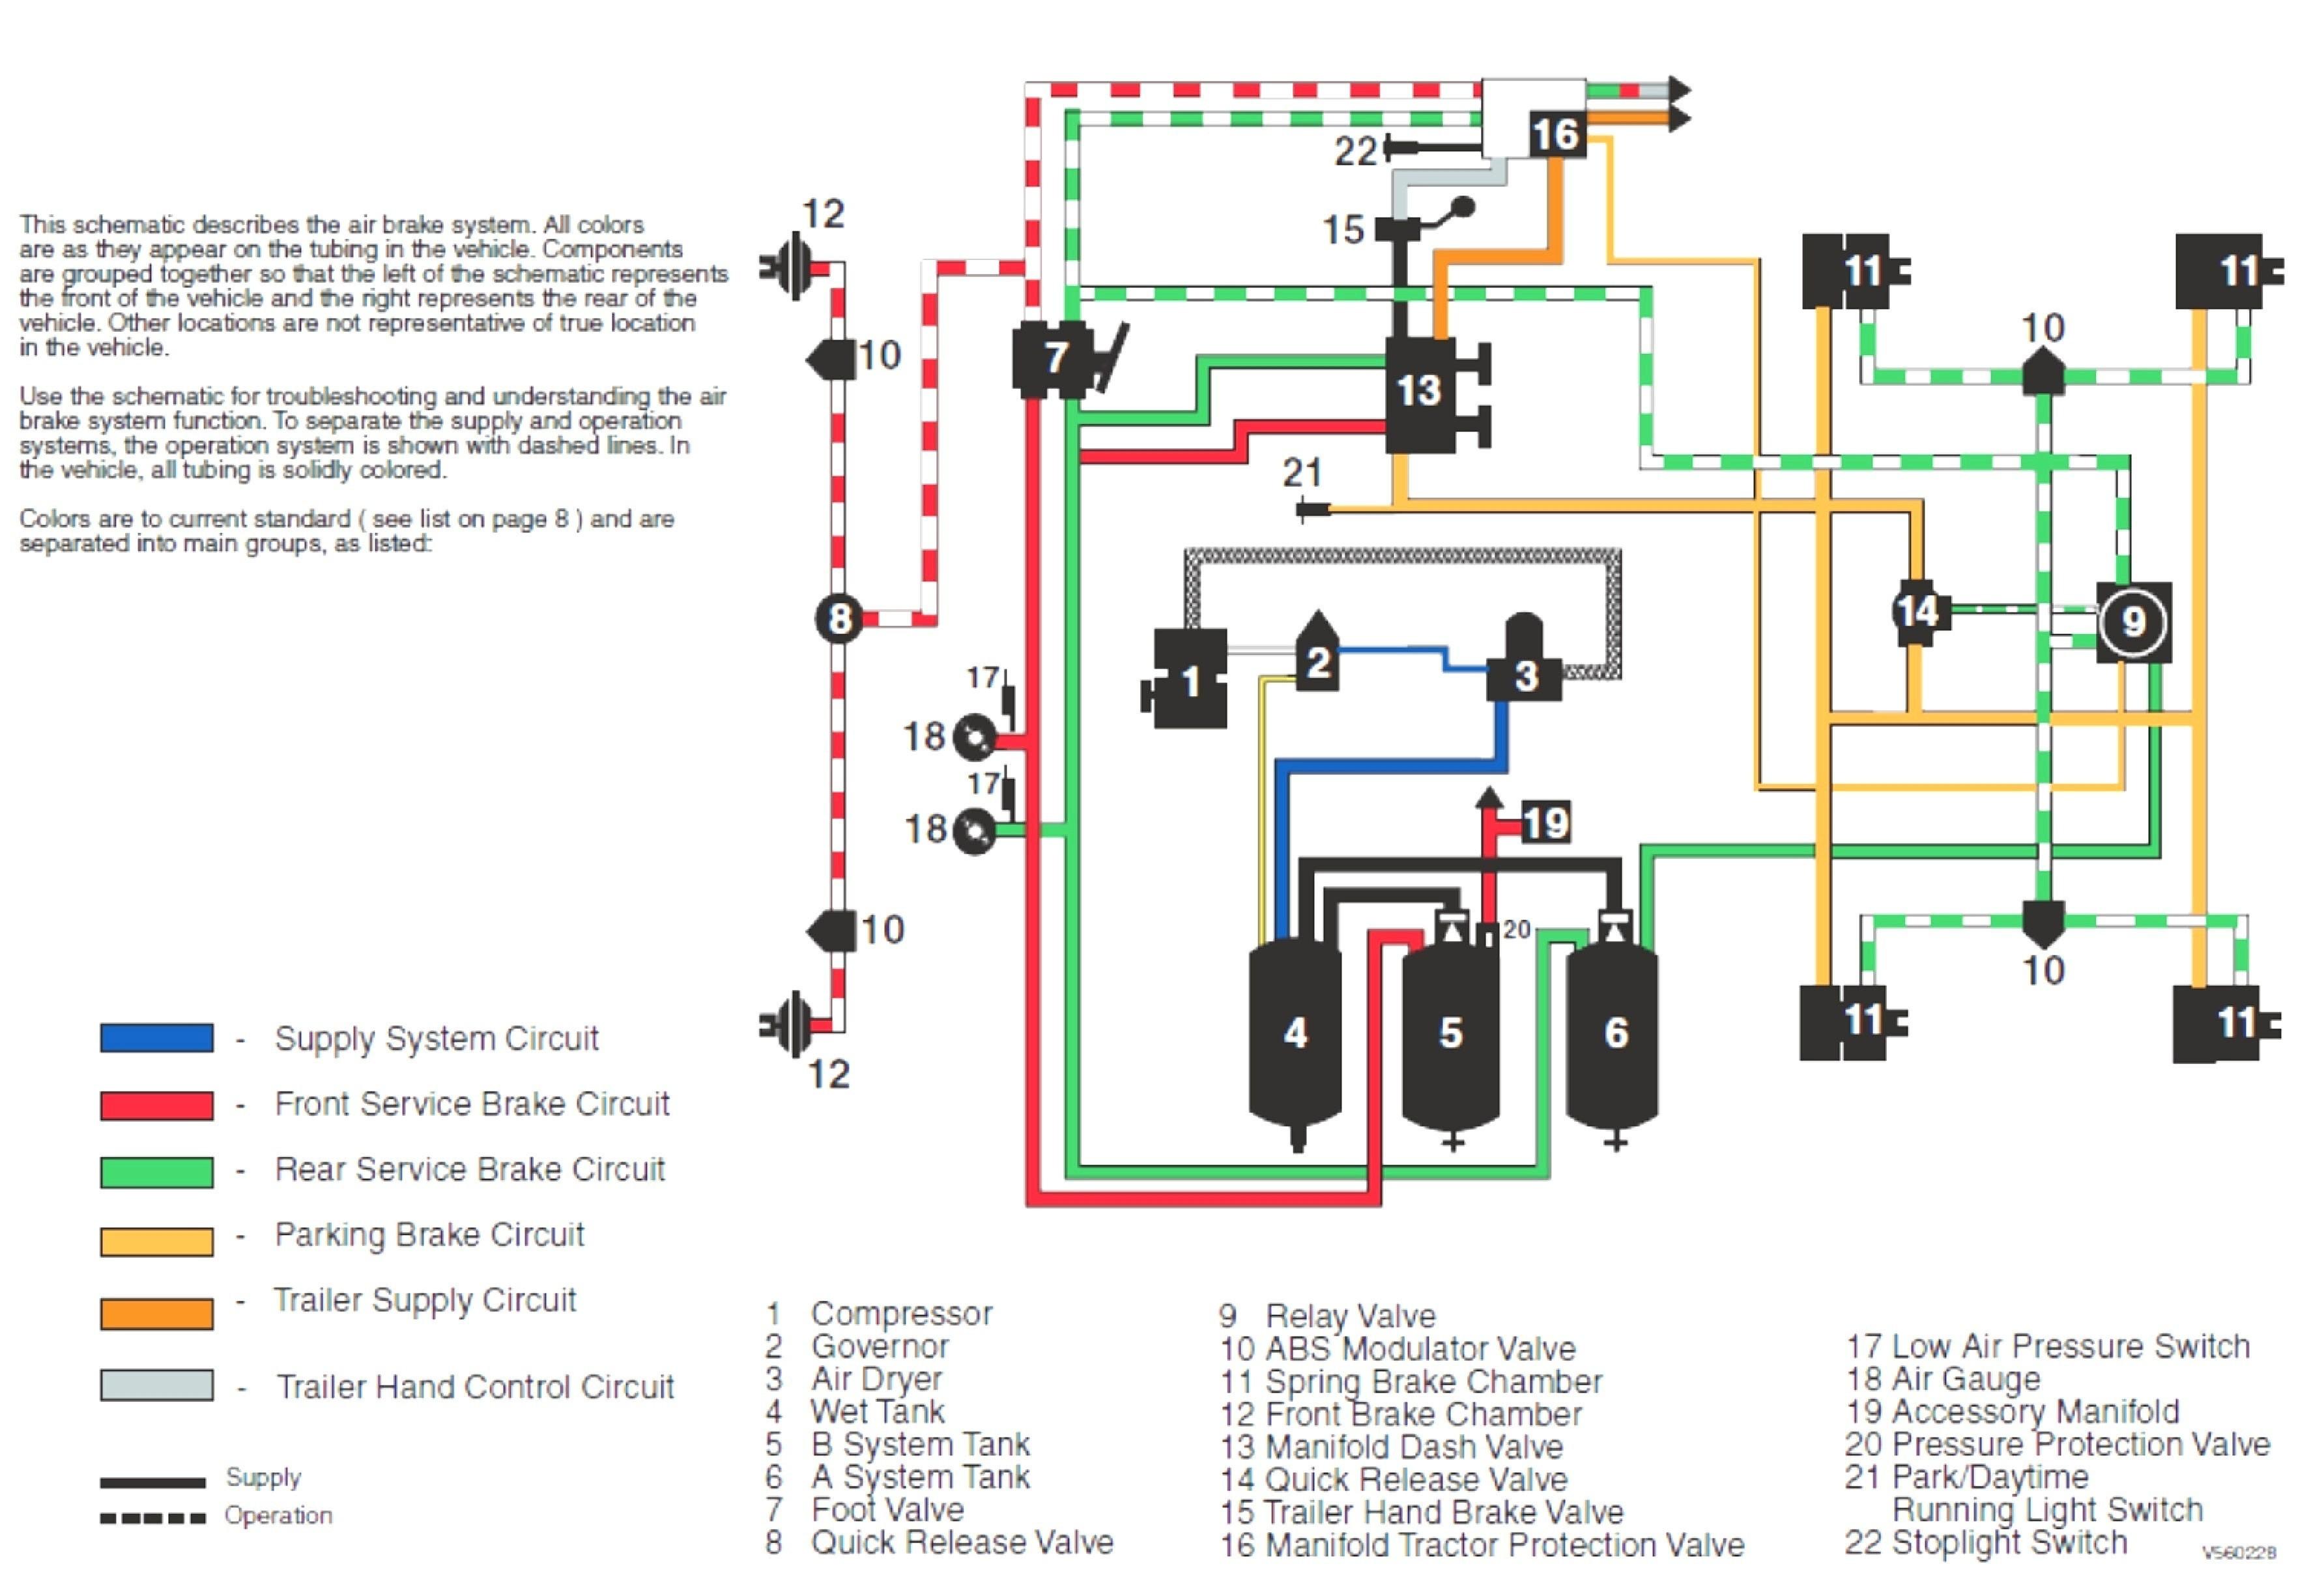 7 Wire Trailer Cable Diagram 7 Wire Trailer Plug Diagram Fresh 7 Wire Trailer Plug Wiring Diagram Of 7 Wire Trailer Cable Diagram